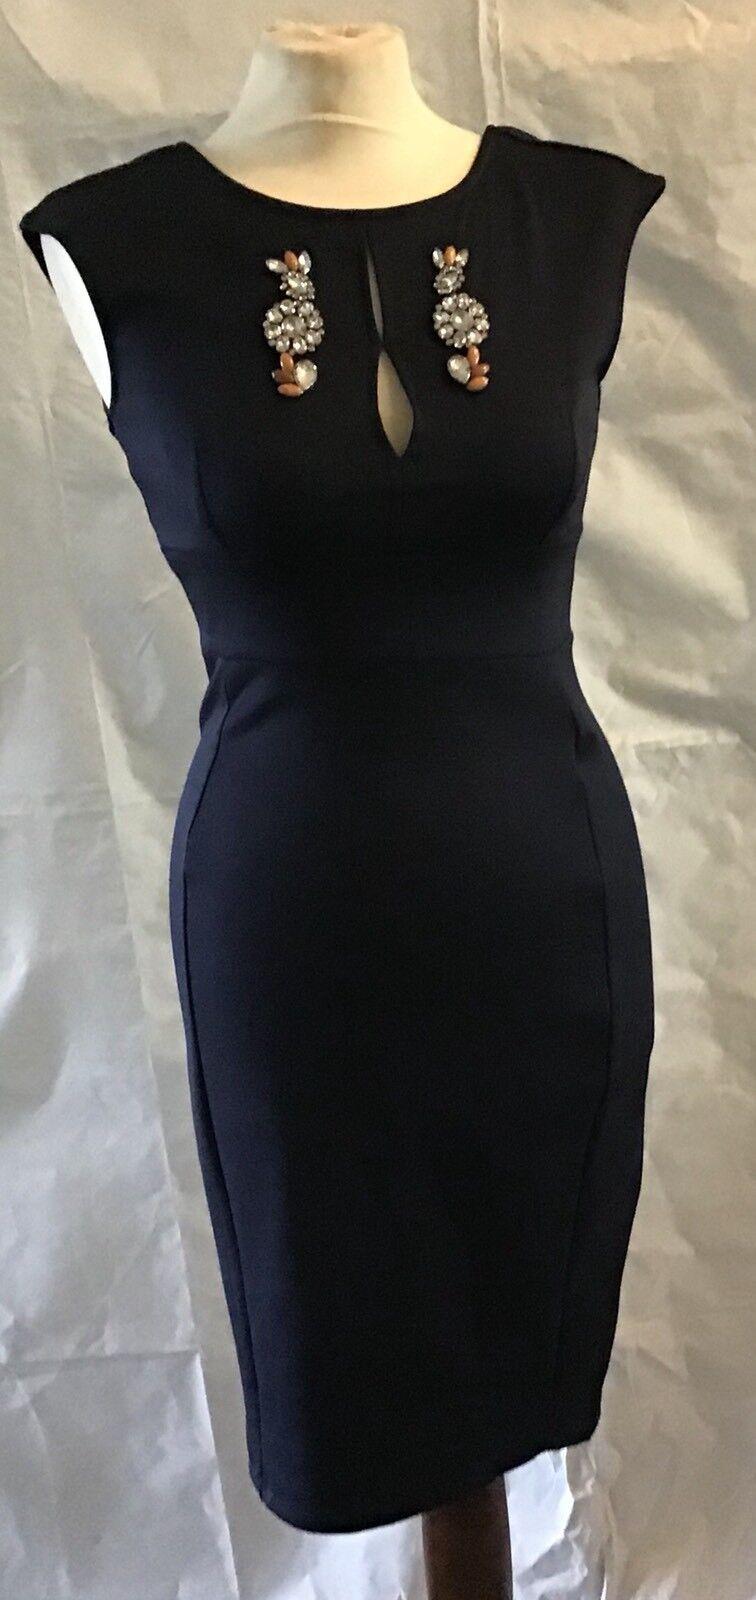 Zara W B Ladies Bodycon Beaded Detailed Navy bluee Dress Size Small